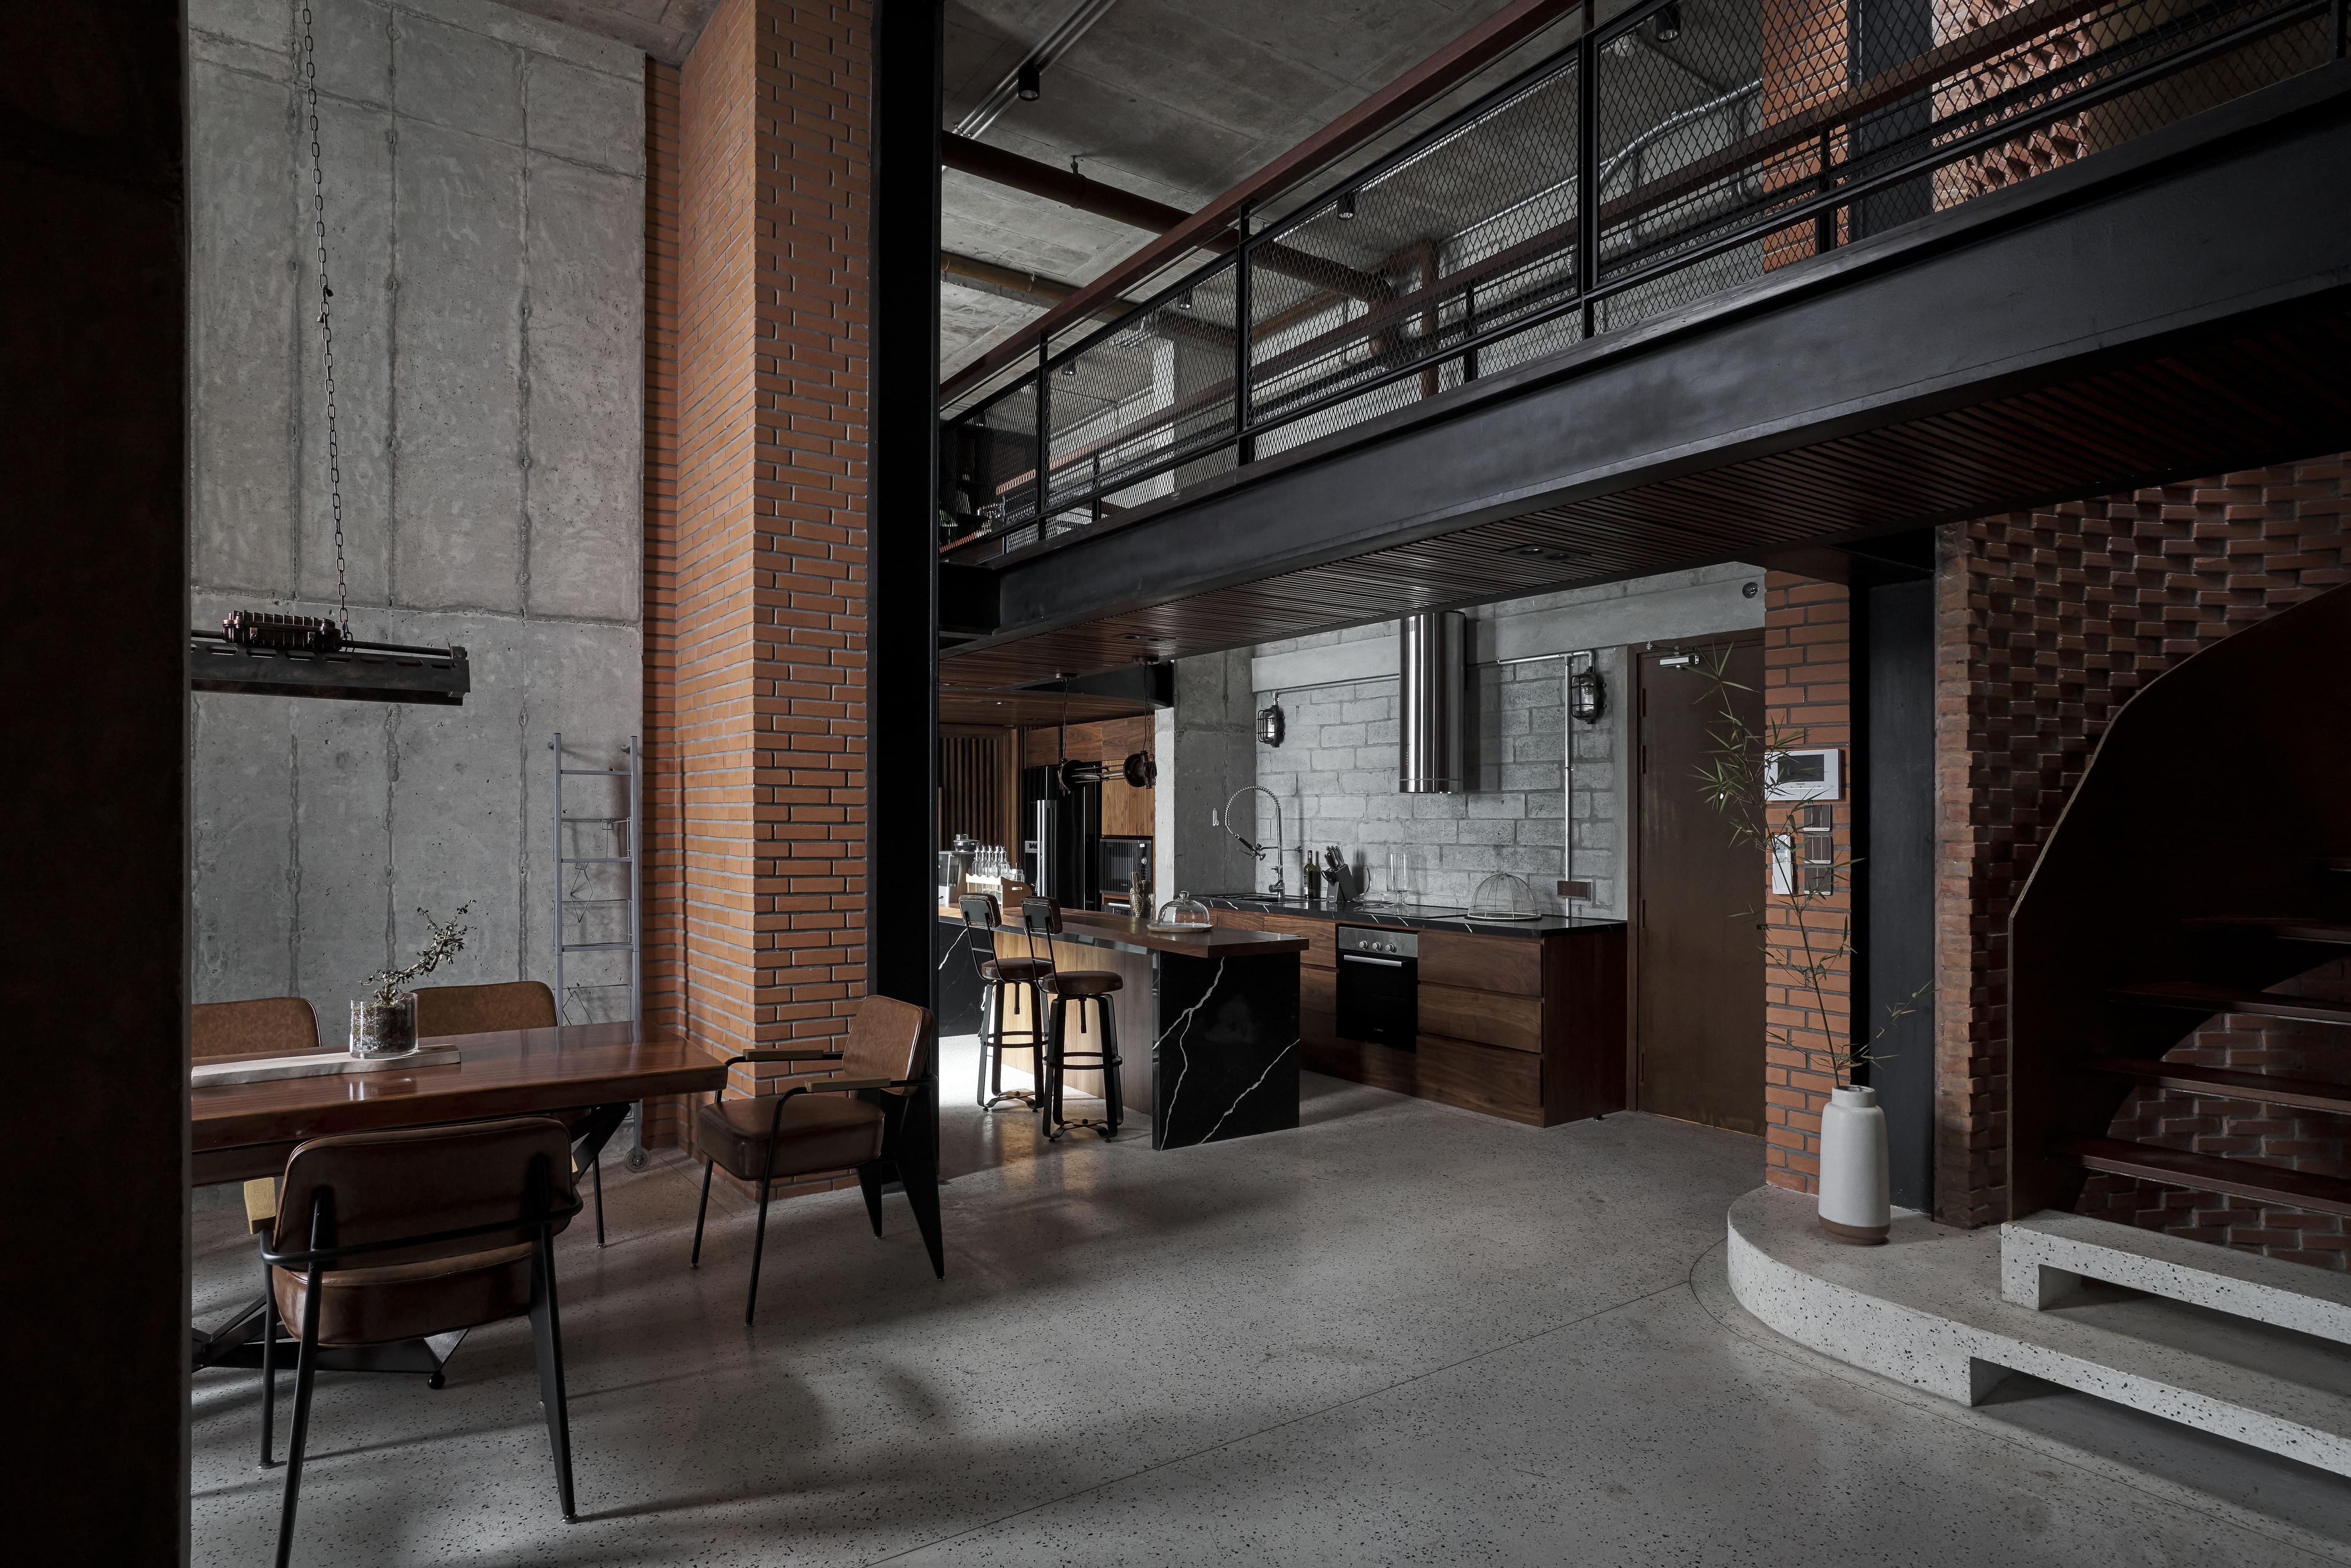 Căn penthouse ven Hà Nội gây choáng với vẻ hầm hố, đậm chất nghệ sĩ - 4